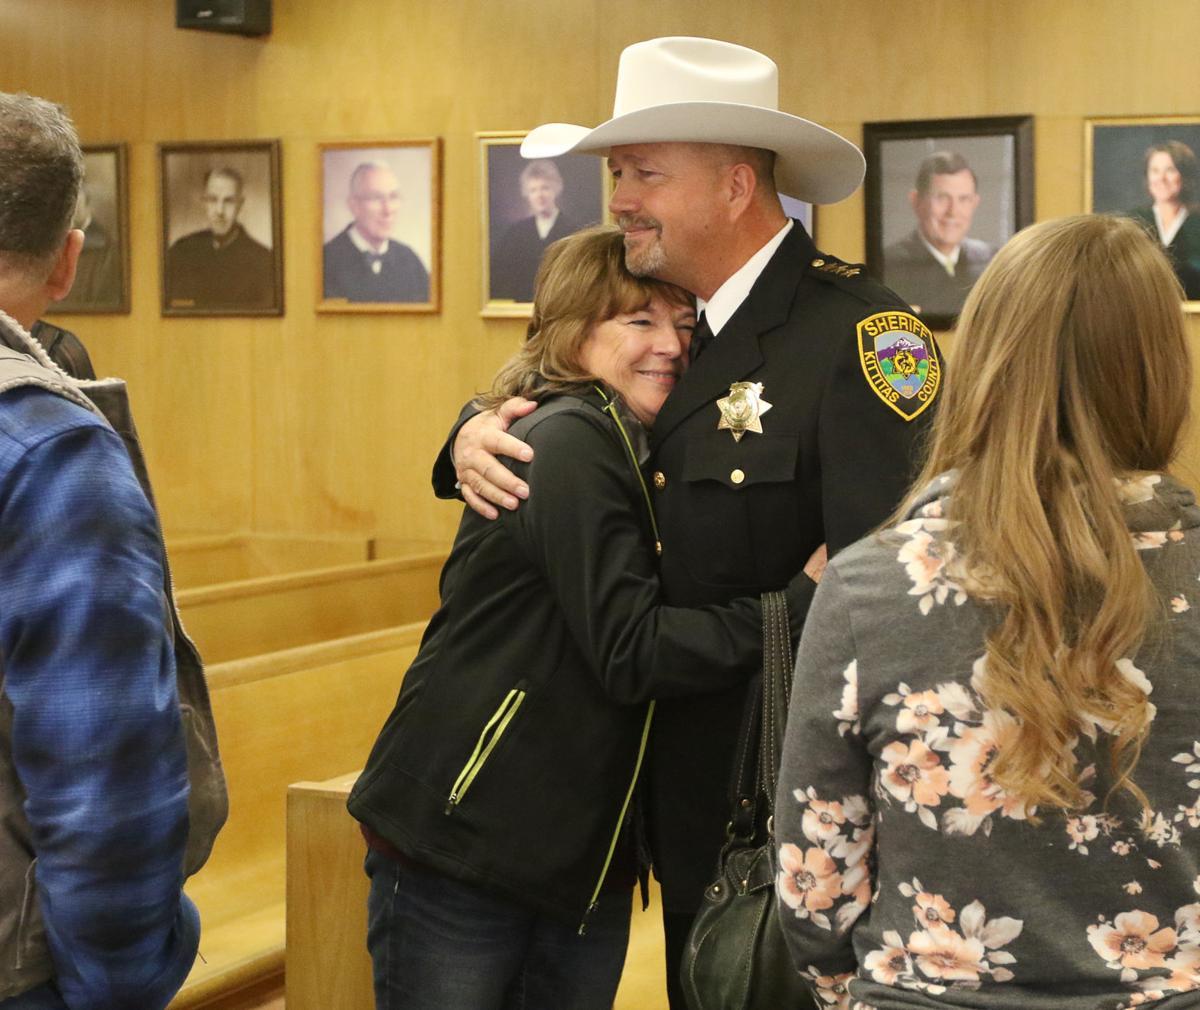 Sheriff_Myers_Swearing_In_02.jpg